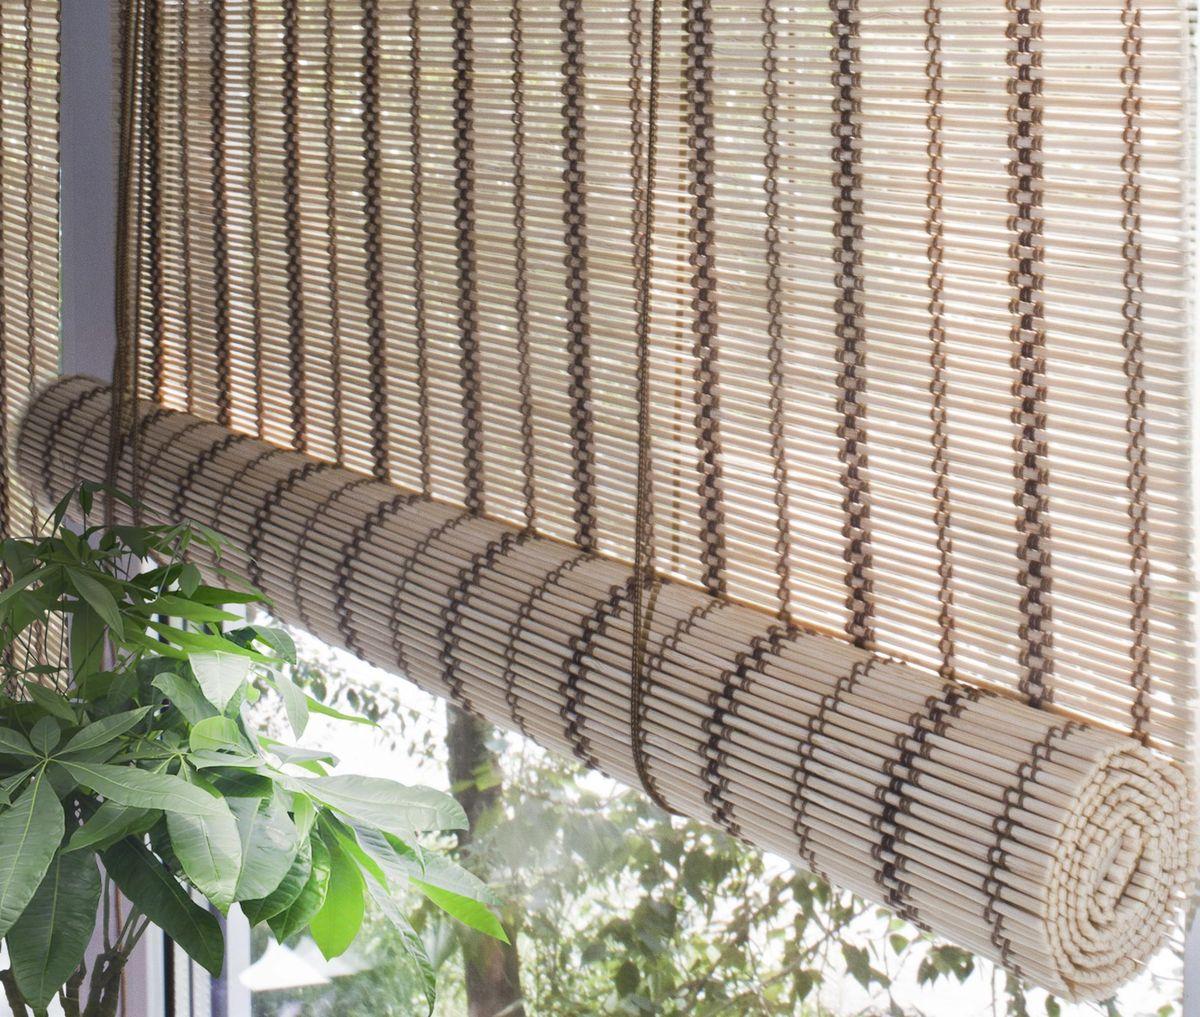 Штора рулонная Эскар Бамбук, цвет: песочный, ширина 120 см, высота 160 см70141120160При оформлении интерьера современных помещений многие отдают предпочтение природным материалам. Бамбуковые рулонные шторы – одно из натуральных изделий, способное сделать атмосферу помещения более уютной и в то же время необычной. Свойства бамбука уникальны: он экологически чист, так как быстро вырастает, благодаря чему не успевает накопить вредные вещества из окружающей среды. Кроме того, растение обладает противомикробным и антибактериальным действием. Занавеси из бамбука безопасно использовать в помещениях, где находятся новорожденные дети и люди, склонные к аллергии. Они незаменимы для тех, кто заботится о своем здоровье и уделяет внимание высокому уровню жизни.